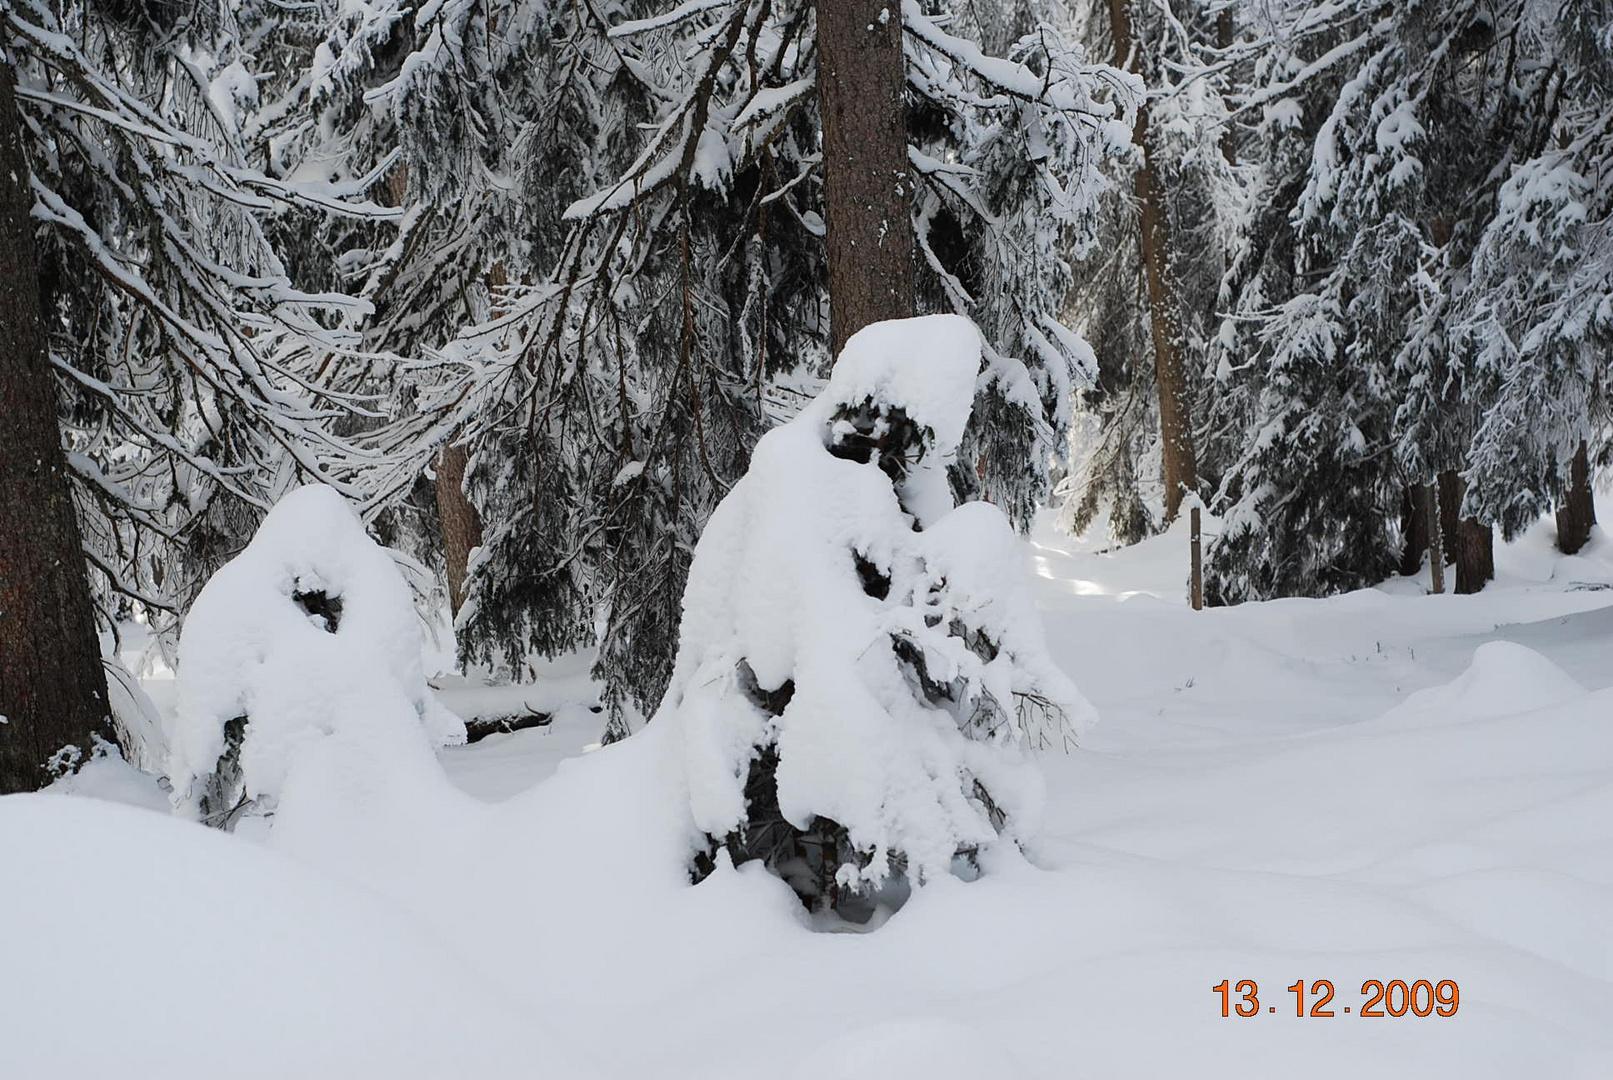 Die 2 Hexen im Schnee